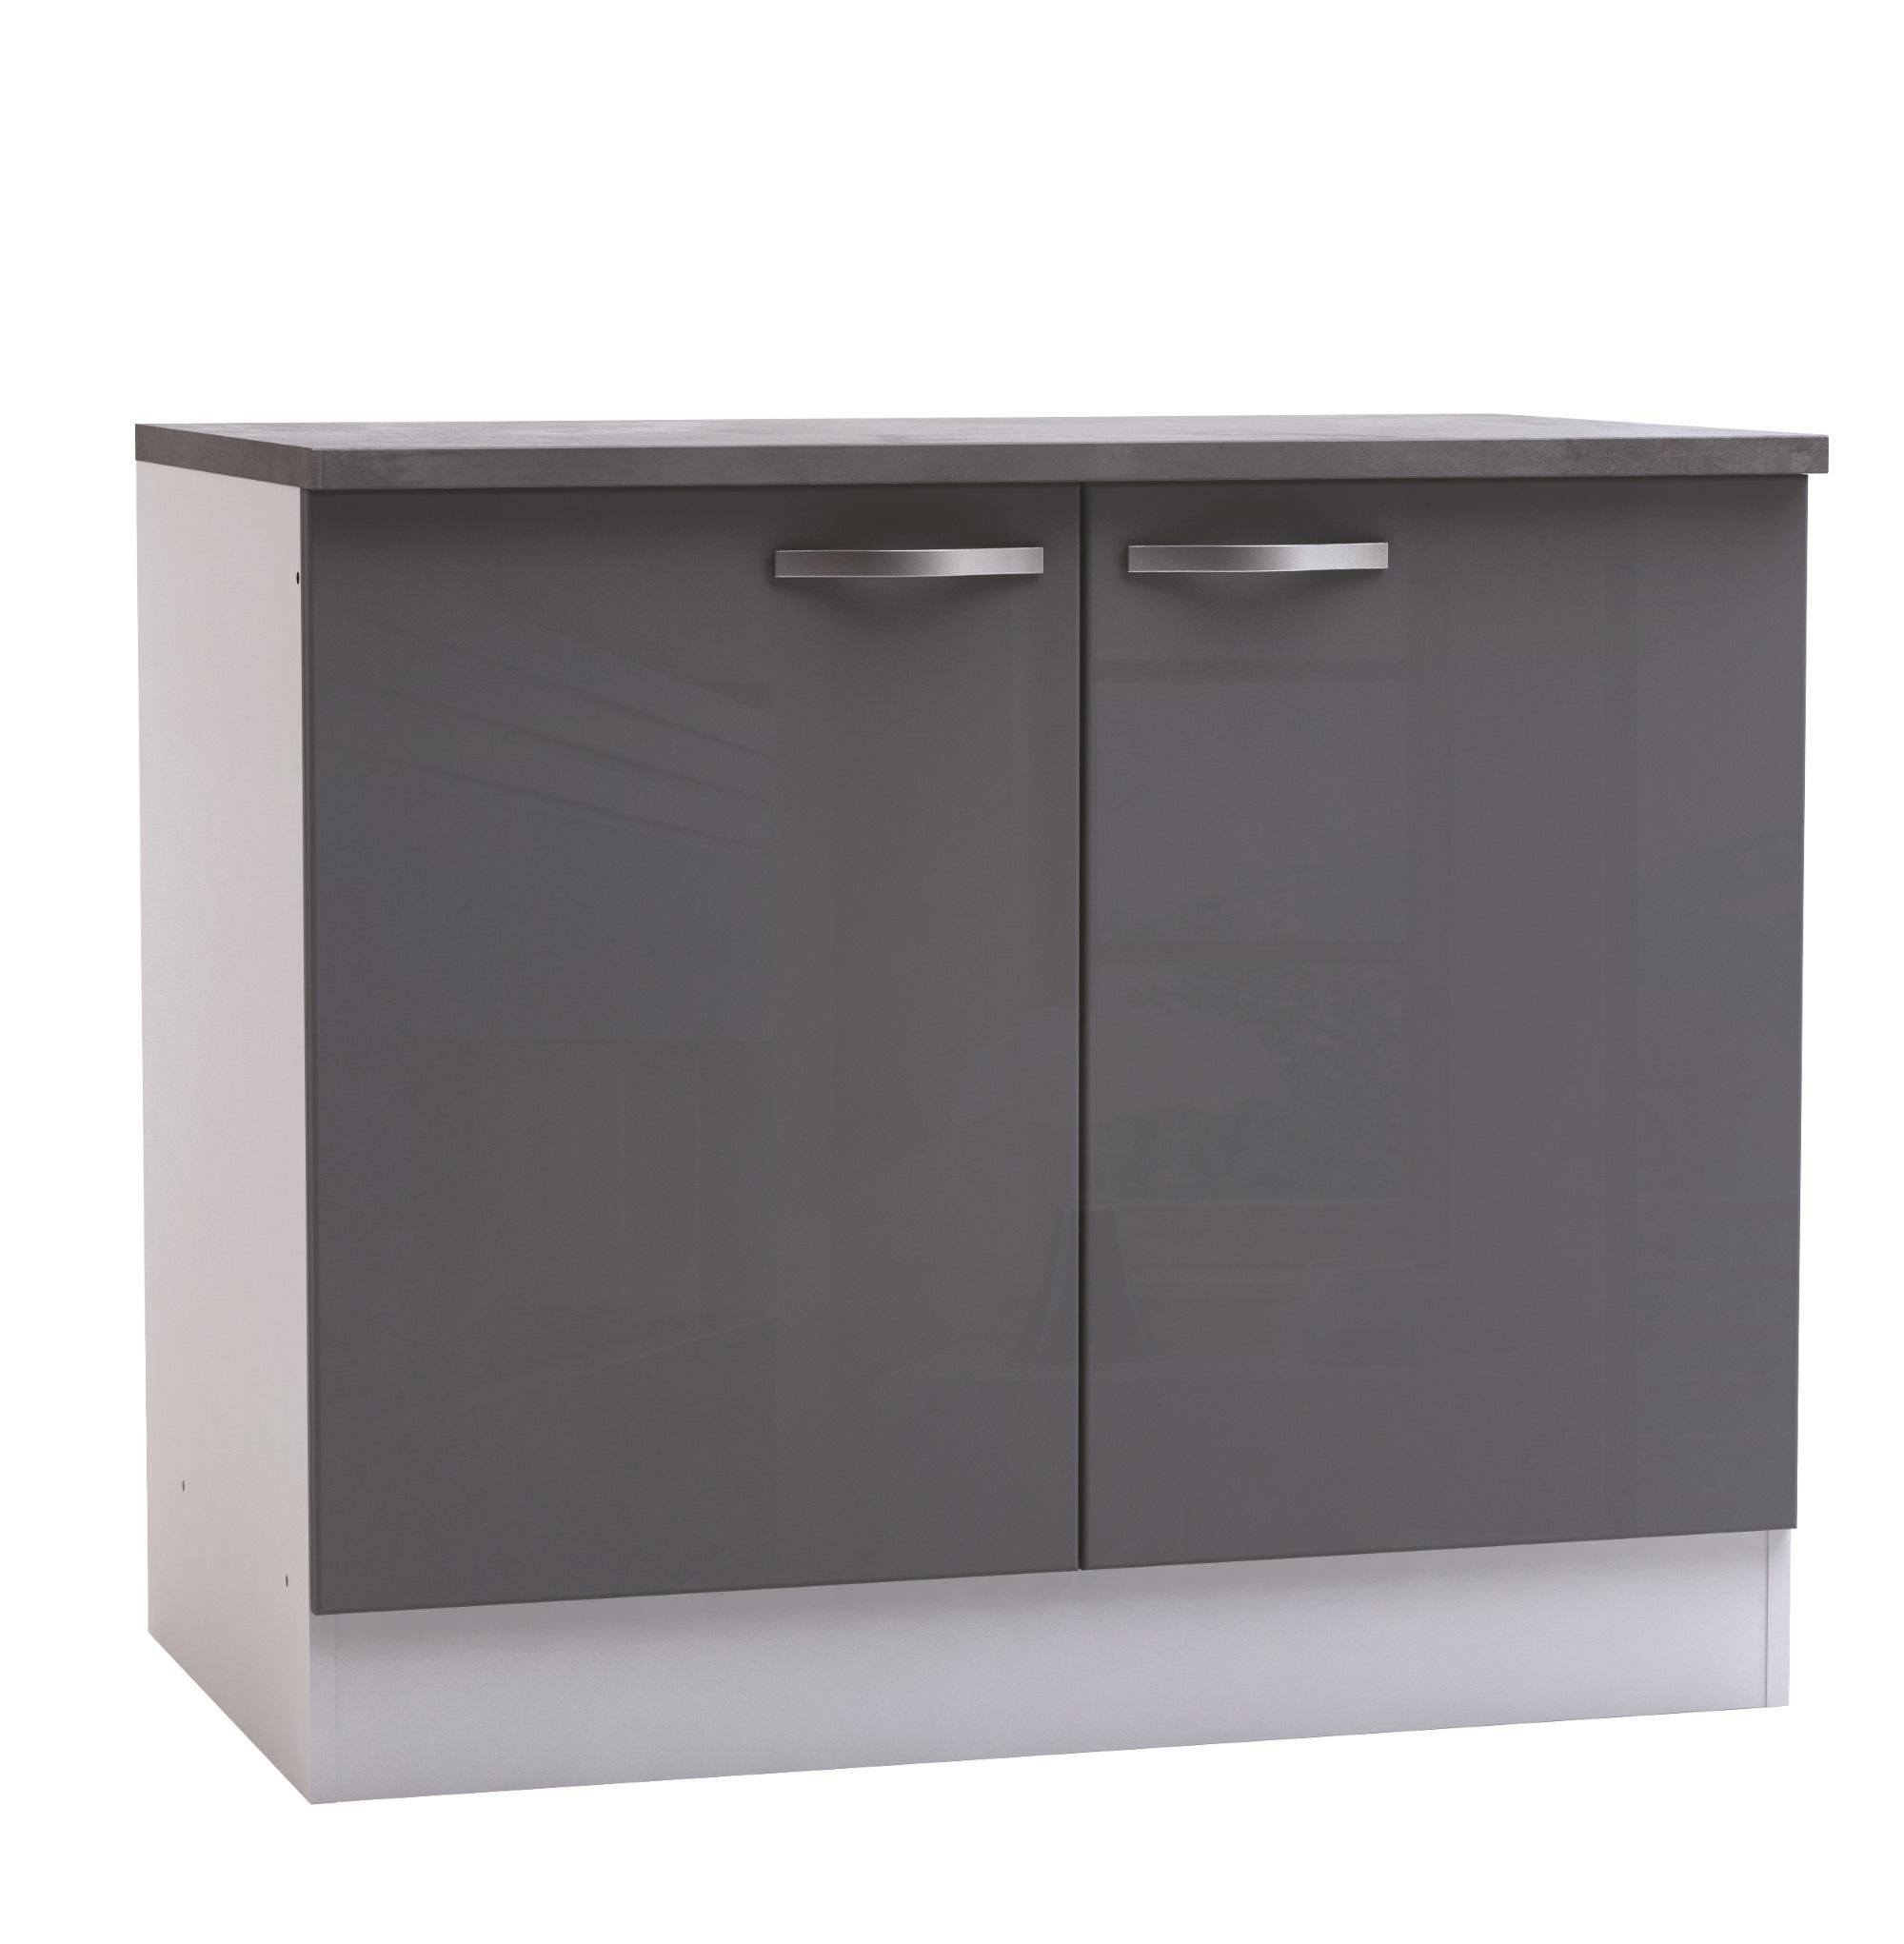 Meuble bas de cuisine contemporain 2 portes blanc mat/gris brillant Tripoli